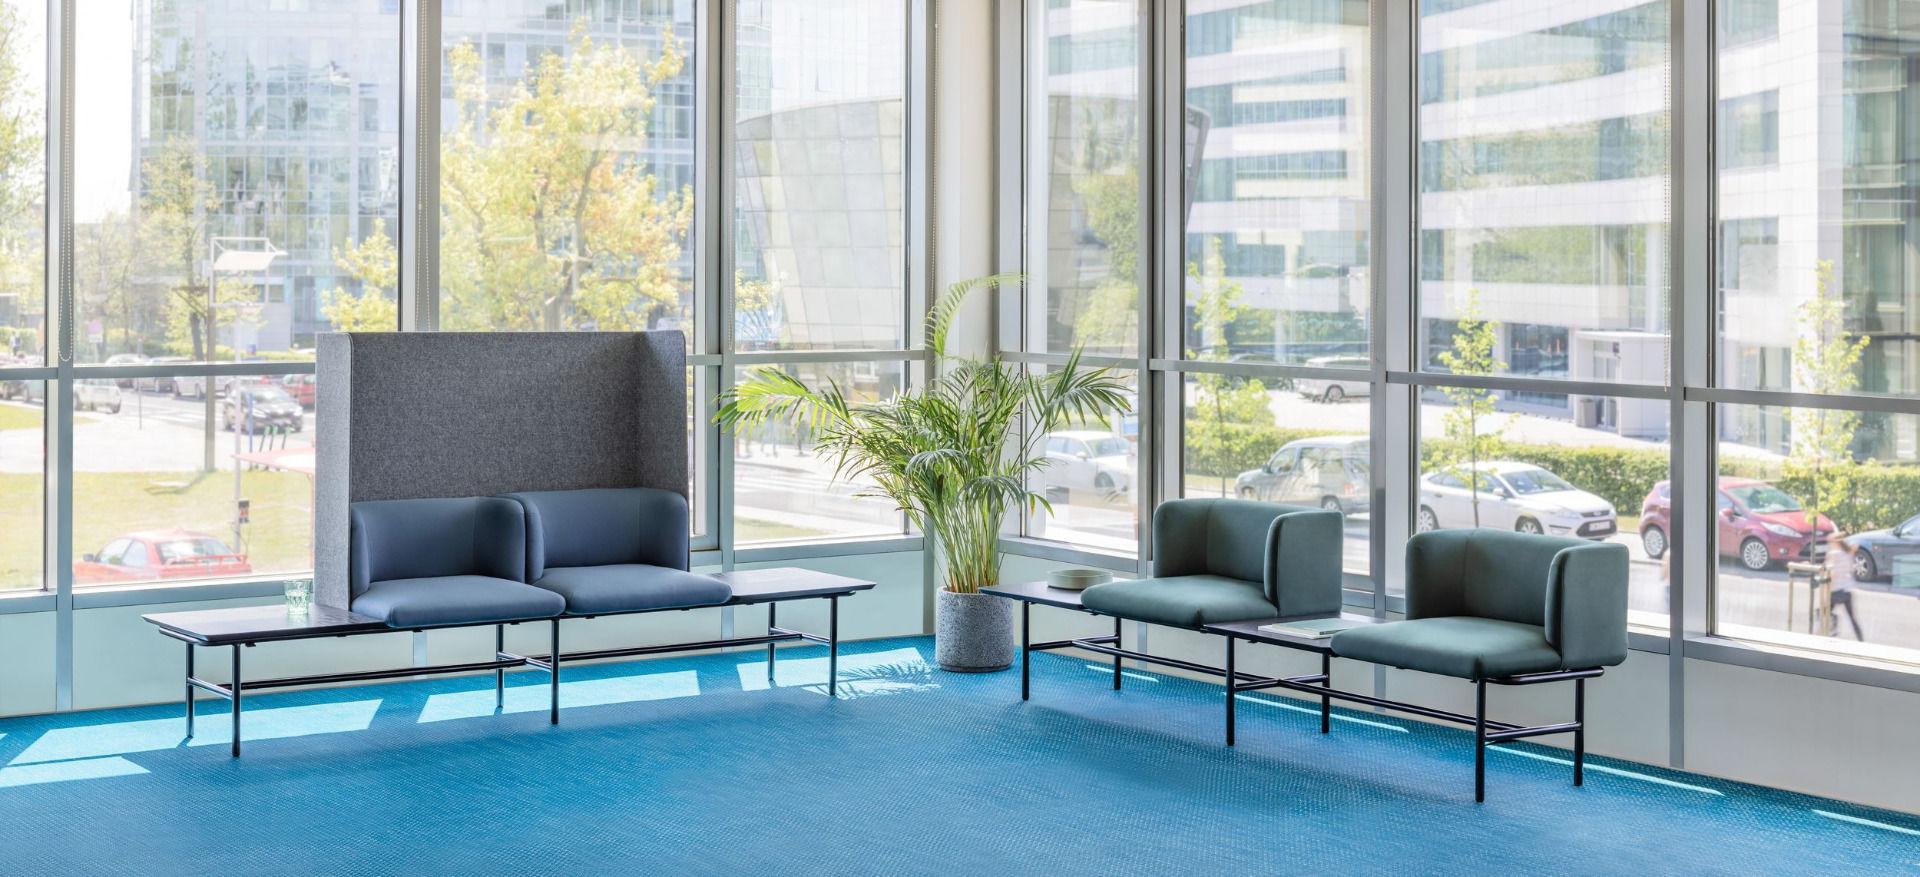 empfangstheken-sitzmoebel-foyer-kanzlei-schlicht-gruen-hellblau-sitzbank-side